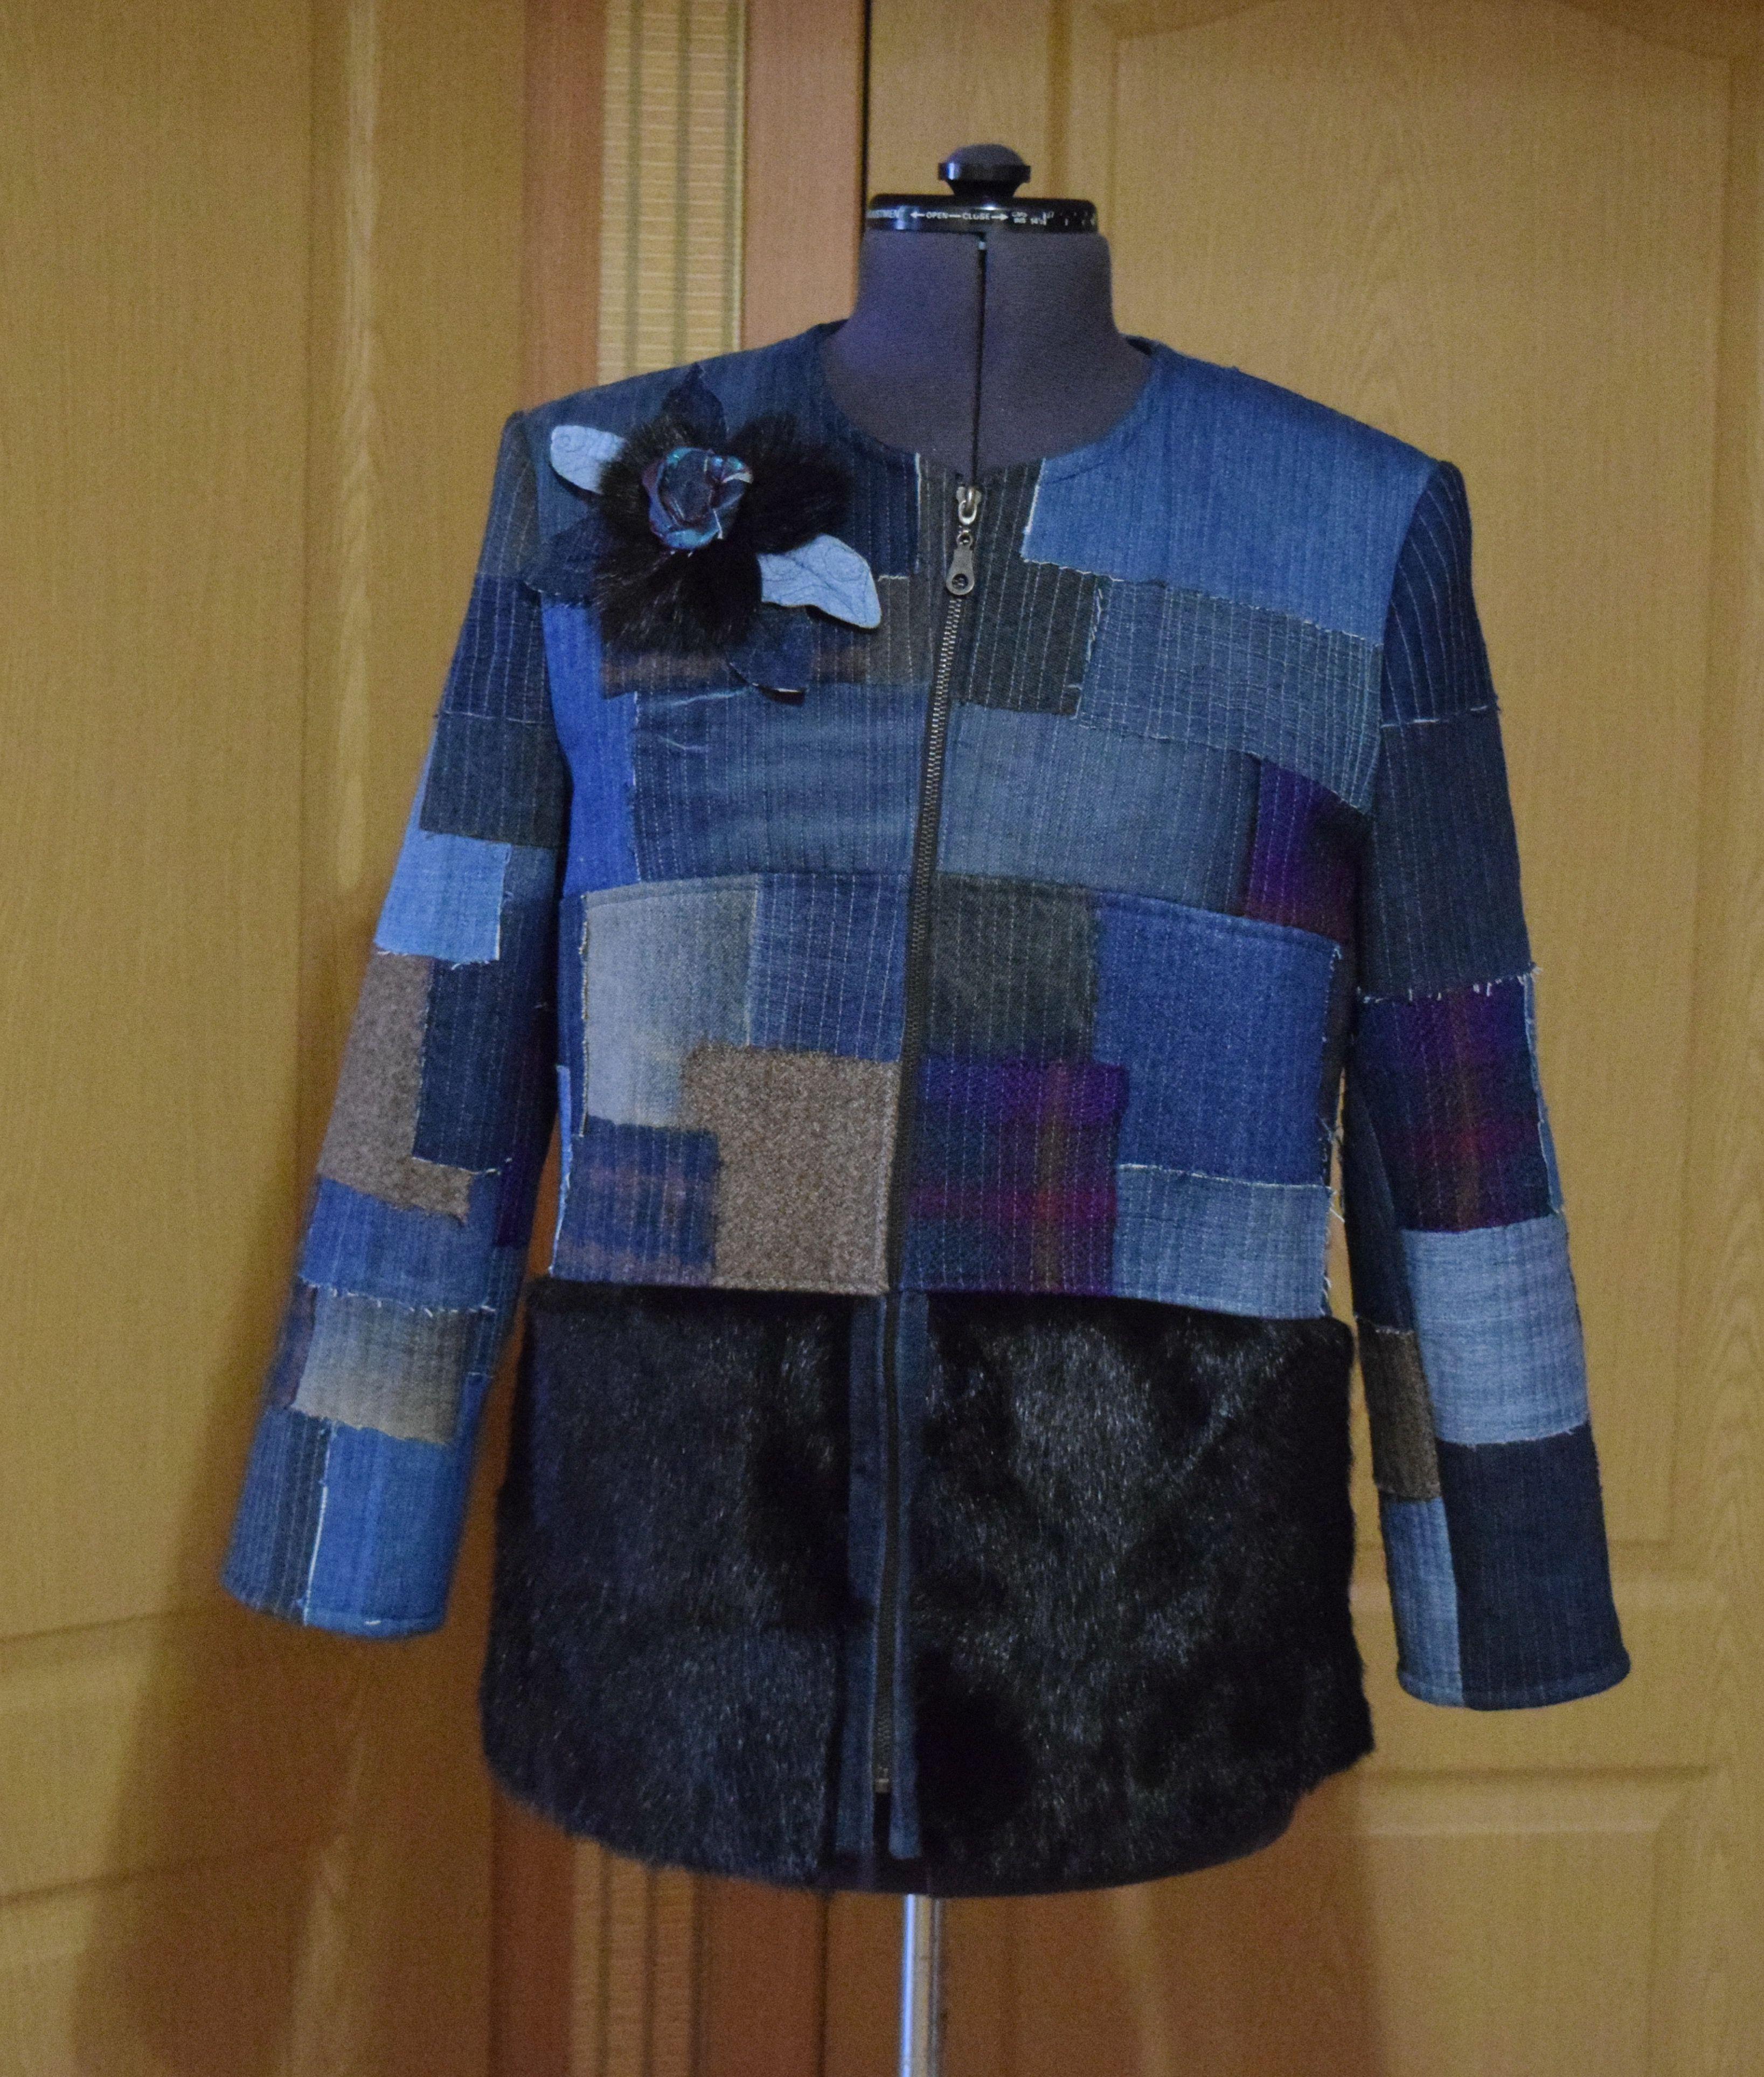 бохо мода джинс купить креатив стиль женский hendmade одежда жакет мехнорки стёжка лоскутноешитьё своимируками